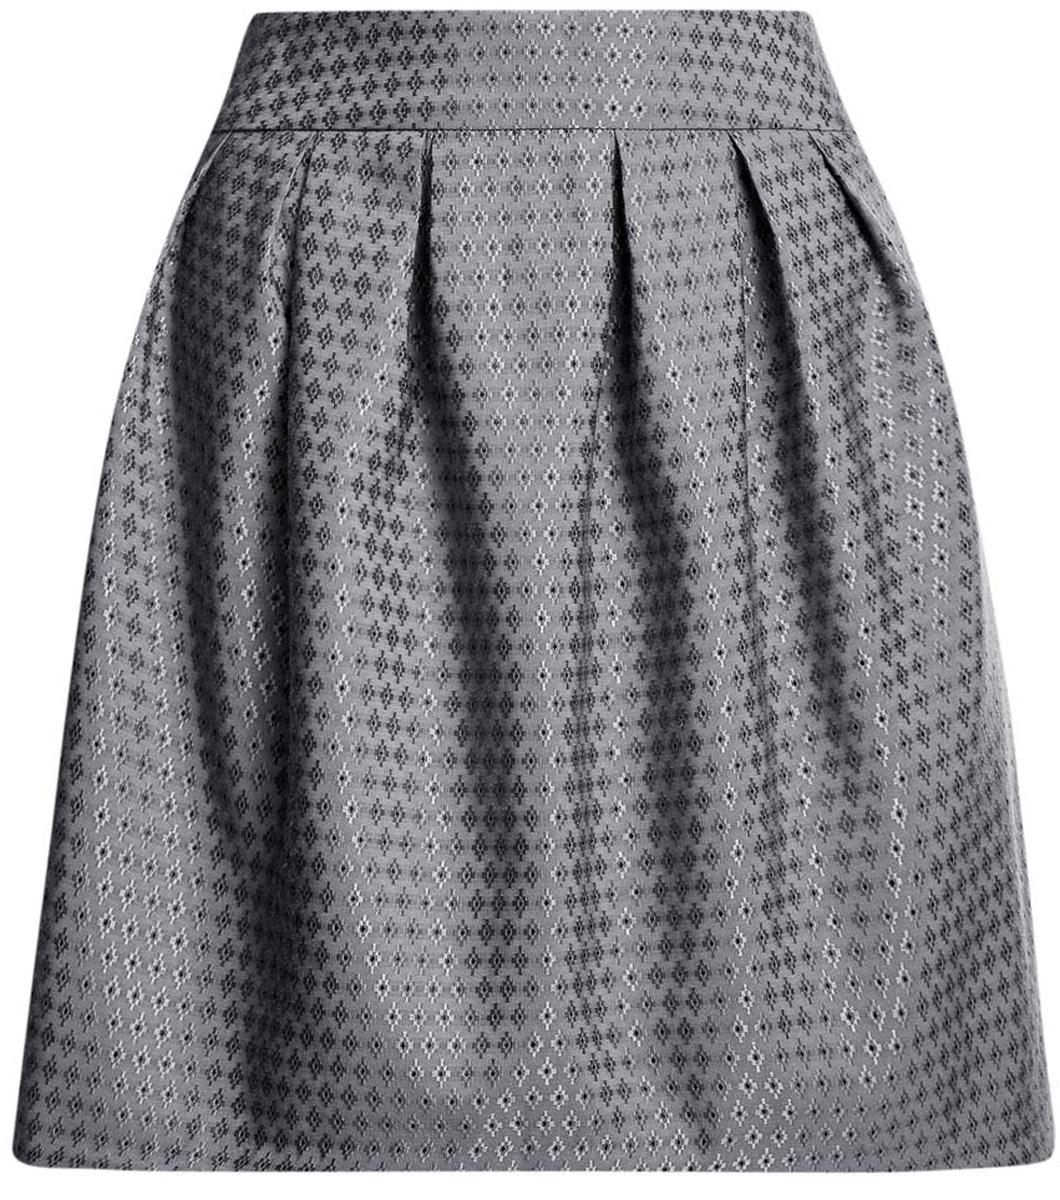 11600388-2/46140/2529DСтильная юбка oodji Ultra выполнена из полиэстера с добавлением вискозы. Модель-миди декорирована складками, дополнена потайной застежкой-молнией сзади и прорезными карманами по боковым сторонам. Оформлена юбка контрастным вышитым принтом.